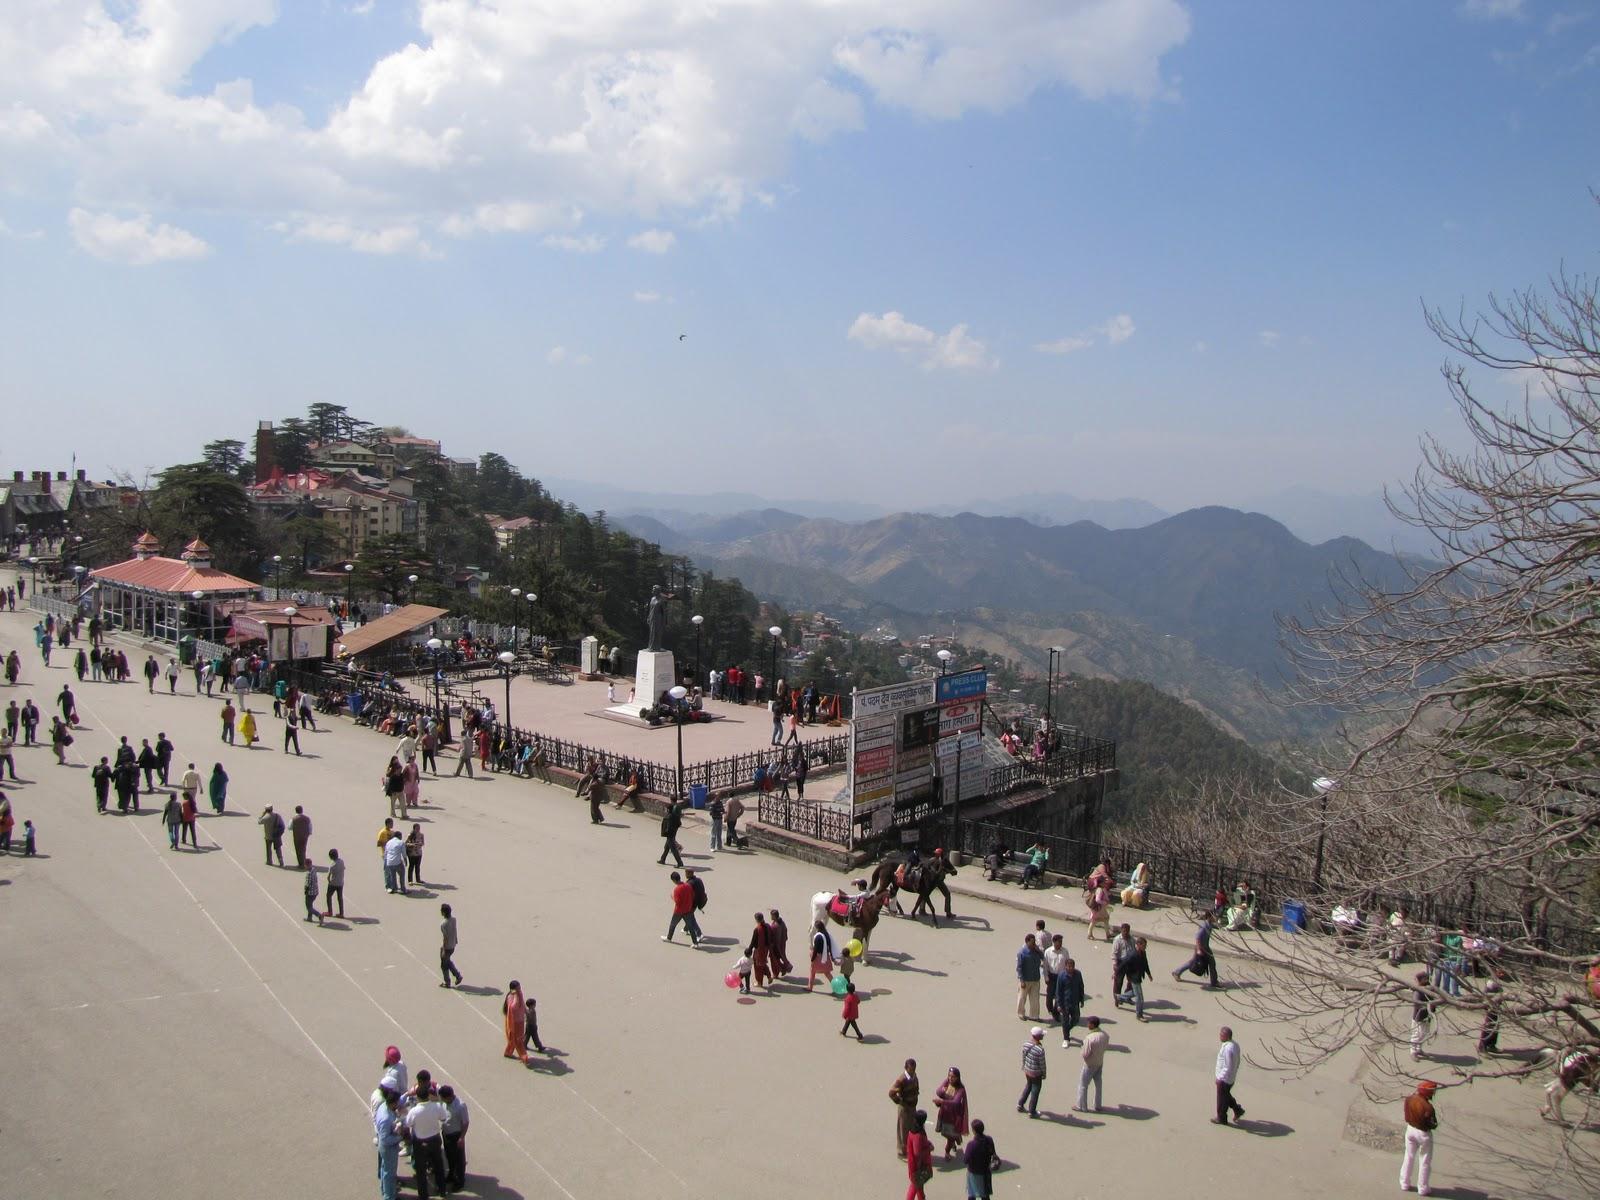 Hd Wall Of Humachal: Wallpaper Shimla